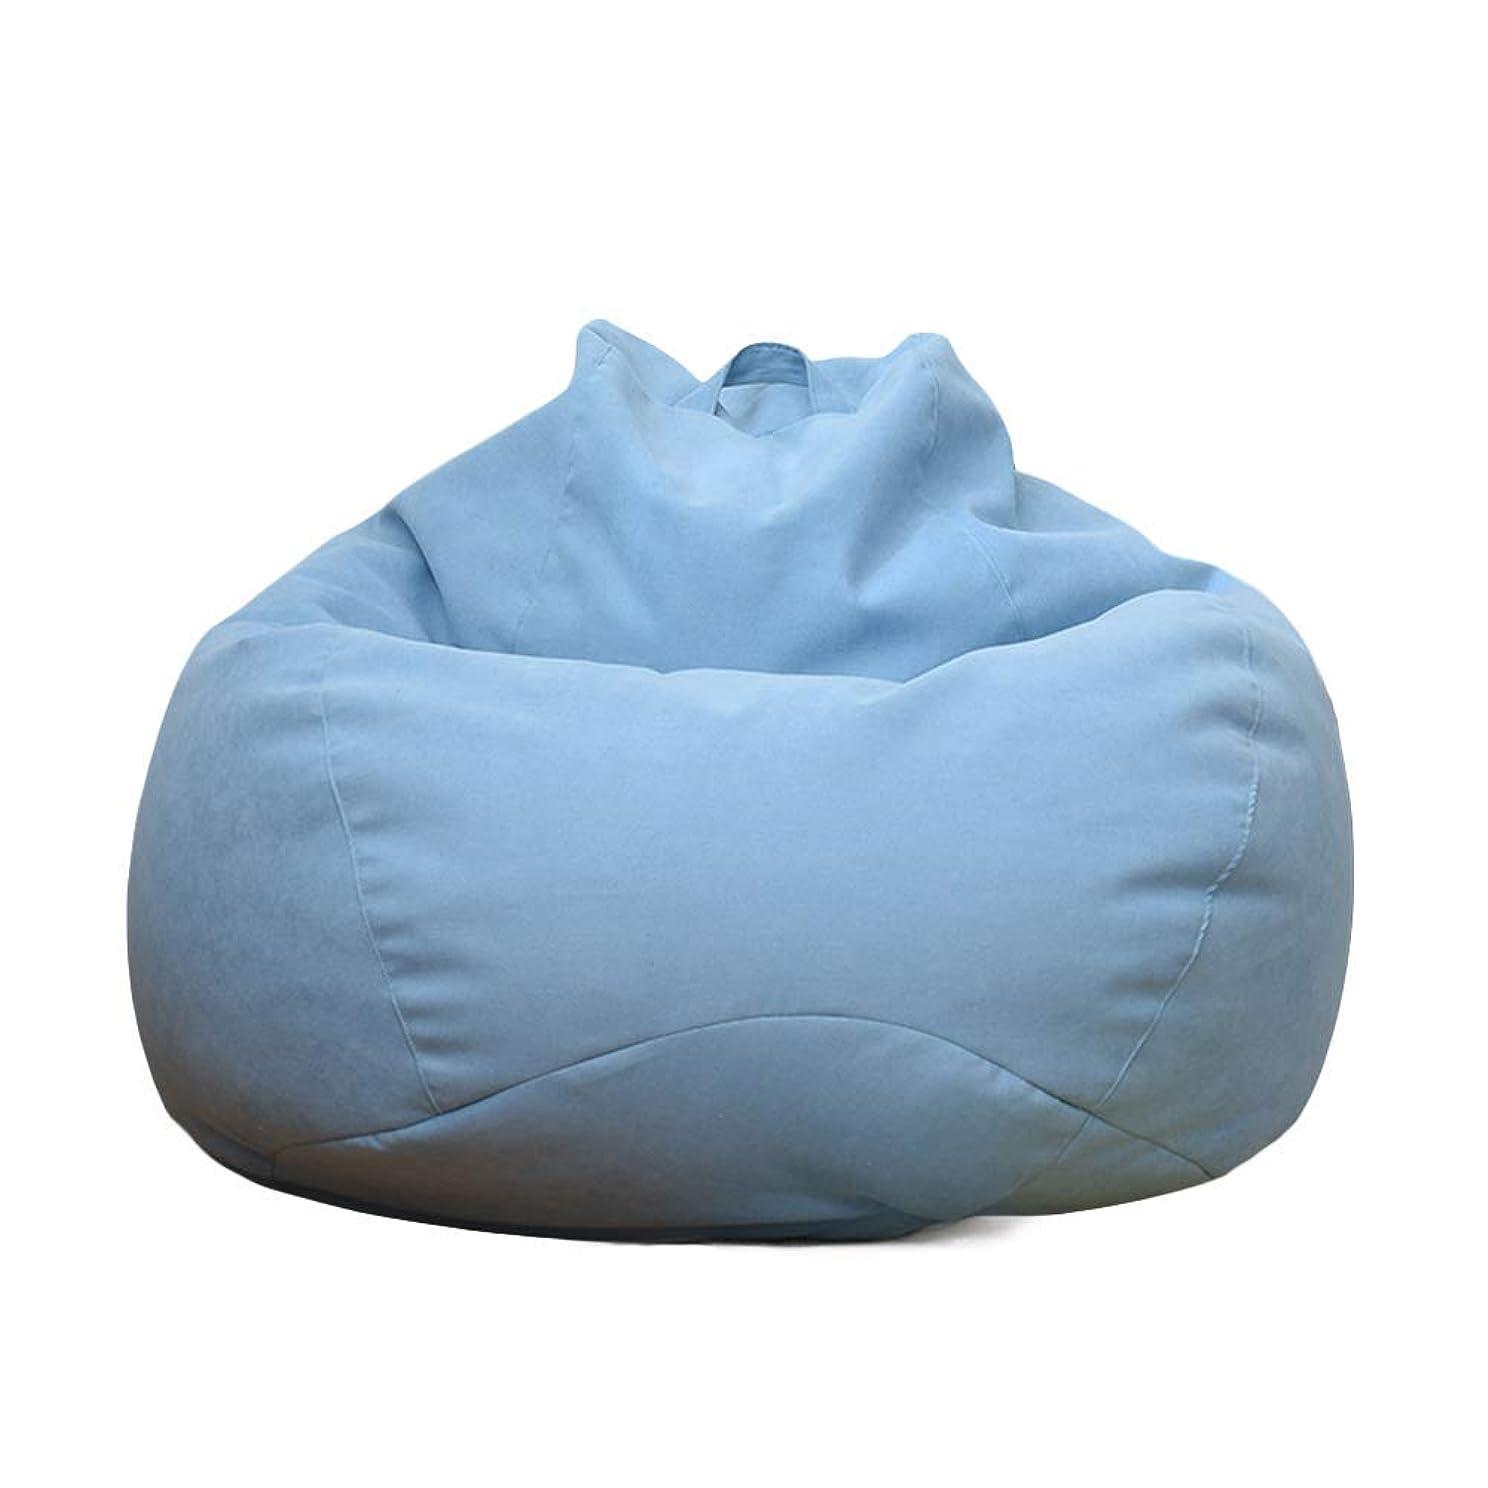 葡萄溶接マキシムビーズクッション 座布団 座椅子 座布団 腰痛 低反発 無地 取り外し可能 80*90cm (ライトブルー)